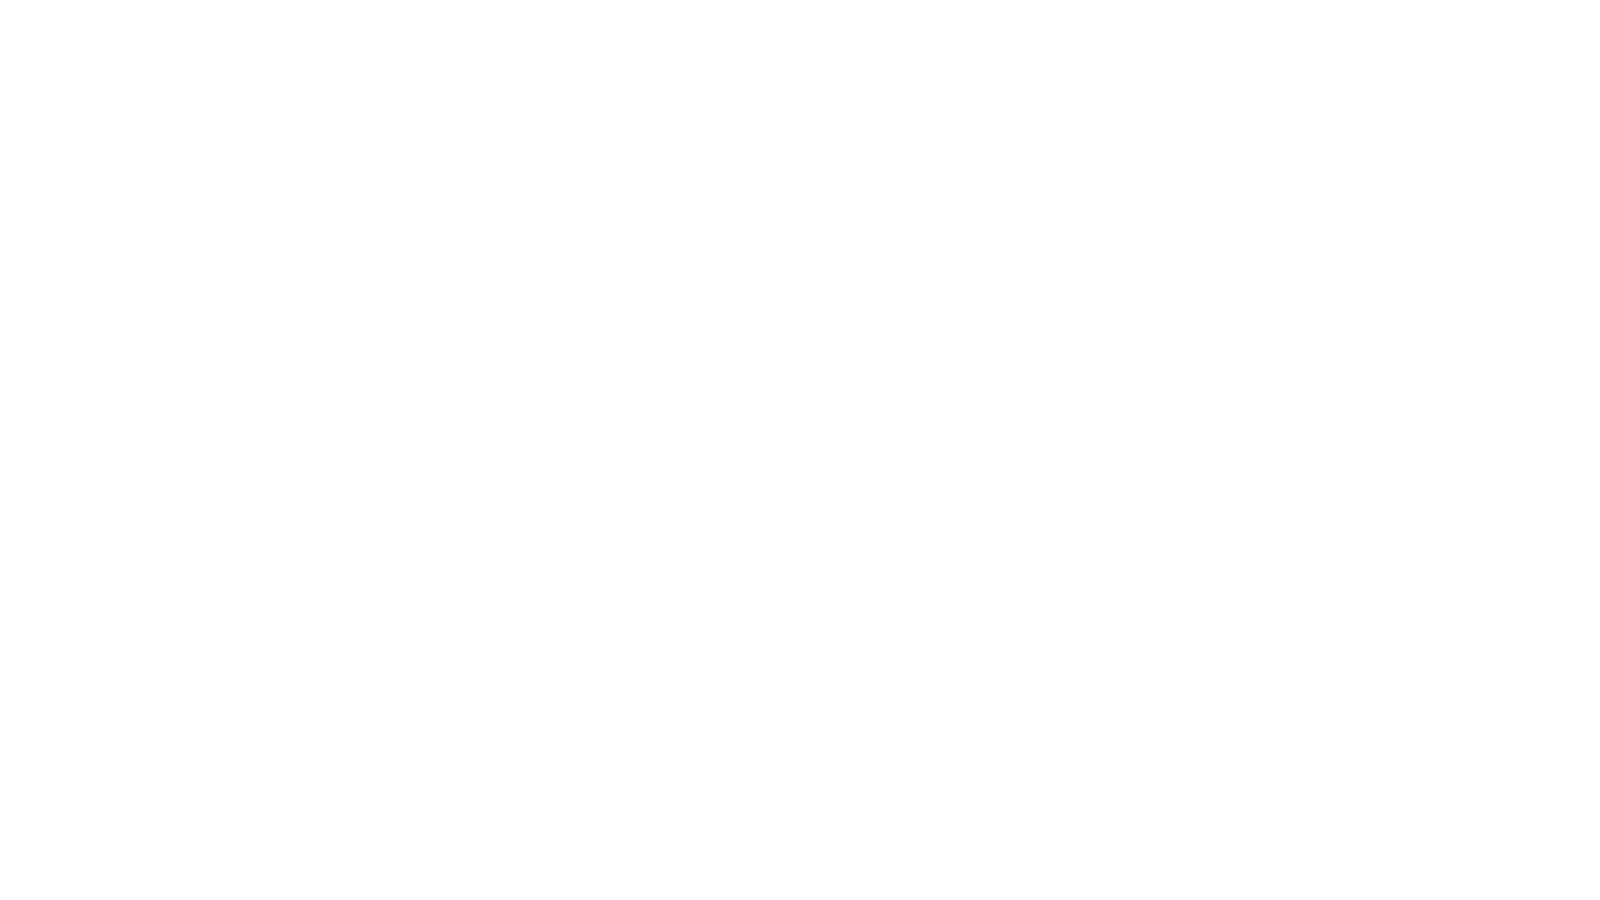 شركة Alhariri group التركية  التي تتمتع بخبرة 42 عام في  تصميم وتصنيع أنواع  مختلفة من خطوط انتاج المواد الغذائية  والصيدلانية والكيميائية وجميع انواع الخزانات  ستنانلس ستيل 316 و304  تعتبر مجموعة الحريري من أحد أهم أكبر الشركات المختصة بتصنيع خطوط الإنتاج تمتد على مساحة 2000 متر مربع والتي نفذت ليومنا هذا أكثر من 430 مشروع منفذ حول العالم  #خطوط انتاج الحليب والاجبان  #خطوط الكونسروة والمعلبات  #خطوط صناعة الحمص  #خطوط الشوكلاته  #خطوط الفواكه المفرزة   1-   خزانات معالجة ( بروسس)  2-   خزانات التخمير  3-   خزانات صهاريج  نقل  الحليب  4  - خزانات المياه و المشروبات الغازية  5 -   خزانات سائل المنظفات والمبسترات  6  -  خزانات العصائر والمياه الصحية   7-    خزانات سايلو لحفظ المواد  8 -   خزانات الحليب والاجبان   9 -   خزانات مواد مستحضرات التجميل  10 - صهاريج تخزين الكيماويات  والعديد من الخزانات ذات استخدامات مختلفة .  مصنوع من أجود  صفائح  وسبائك ستانلس ستيل المقاوم للصدأ ،  توفير ضمان لمدة عامين  وتوريد قطع الغيار  و نقدم  أفضل الإستشارات لتعيين ما يتطلب صناعة لعملائنا الأعزاء ، * موافقة للمواصفاة العالمية  * أسعارنا لا تقبل المنافسة في الشرق الاوسط.  لمزيد من المعلومات 00905550551099 WhatsApp او على البريد الالكتروني  Info@lionmak.com